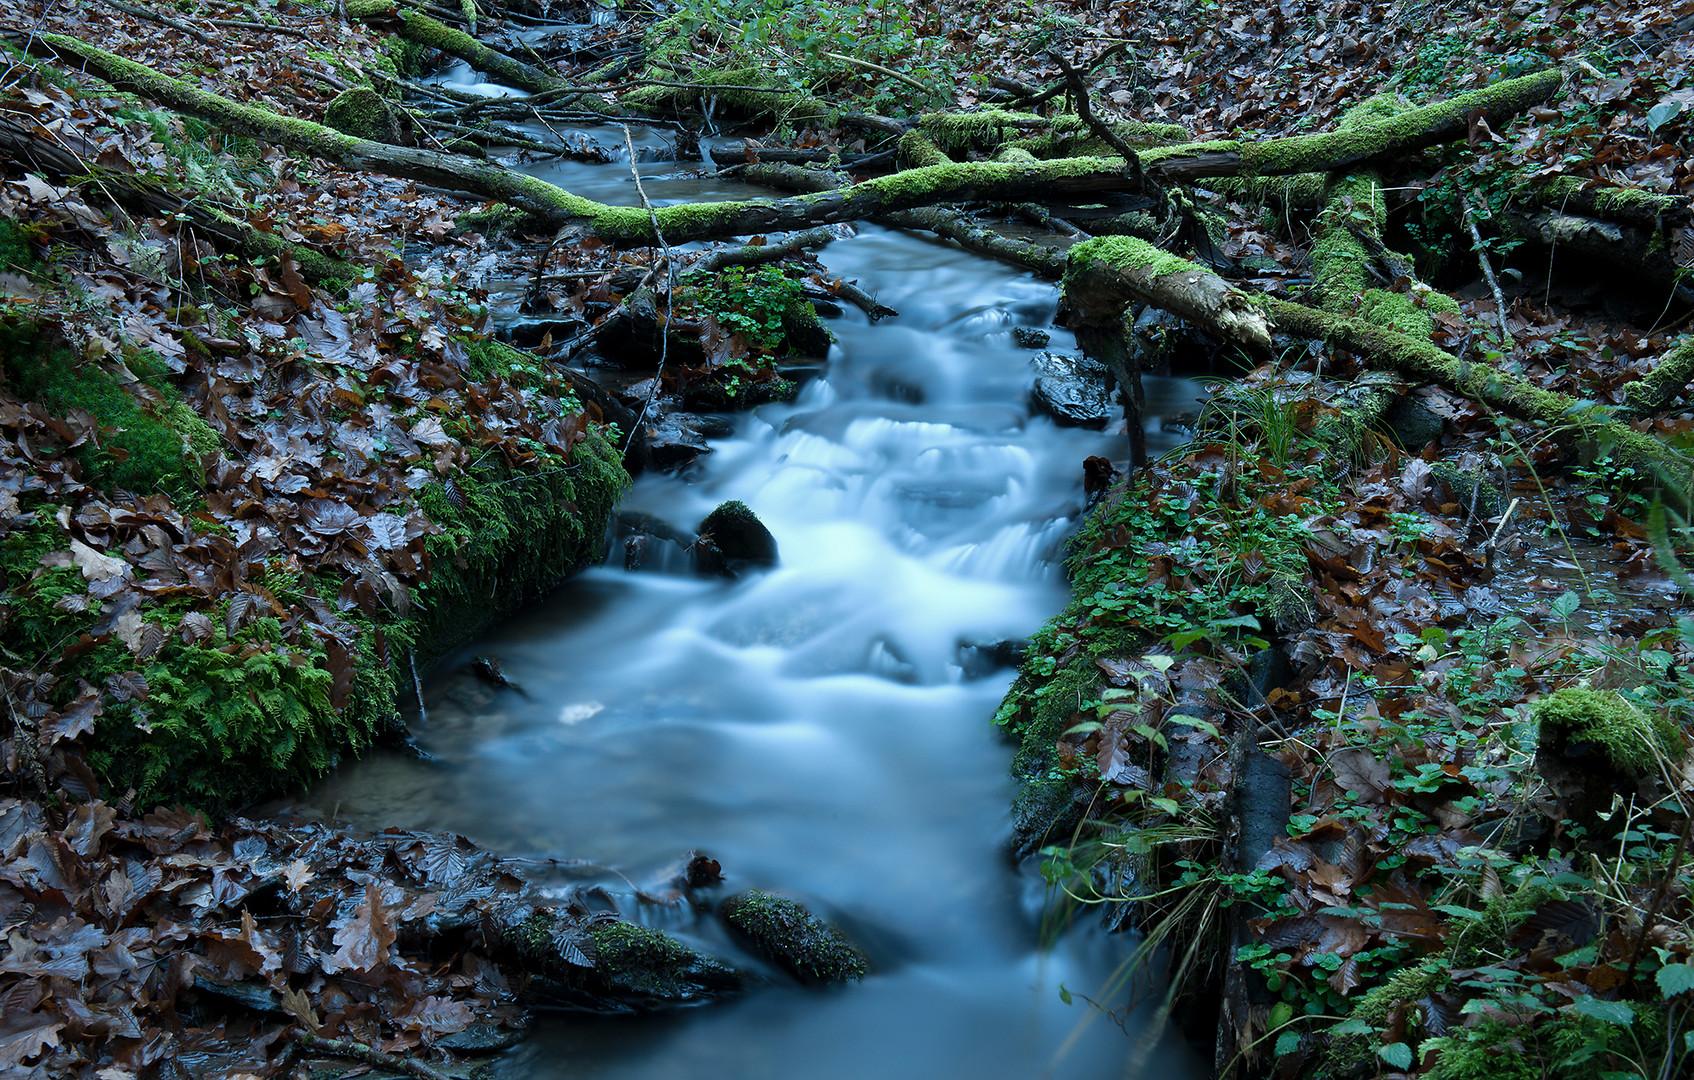 Eifelwasser #2